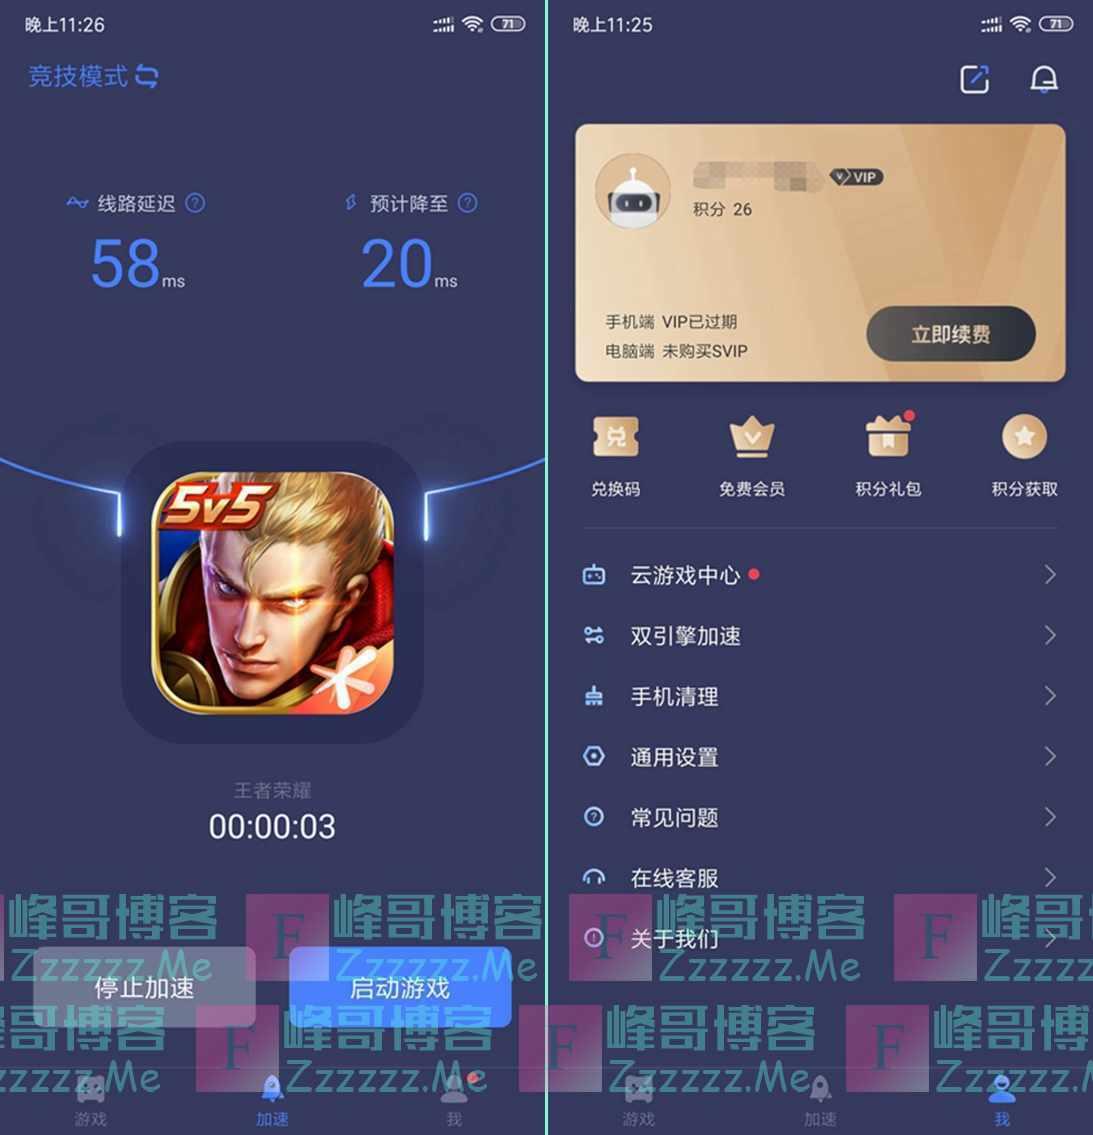 安卓迅游手游加速器V5.1.24.1 最新永久VIP会员破解版下载